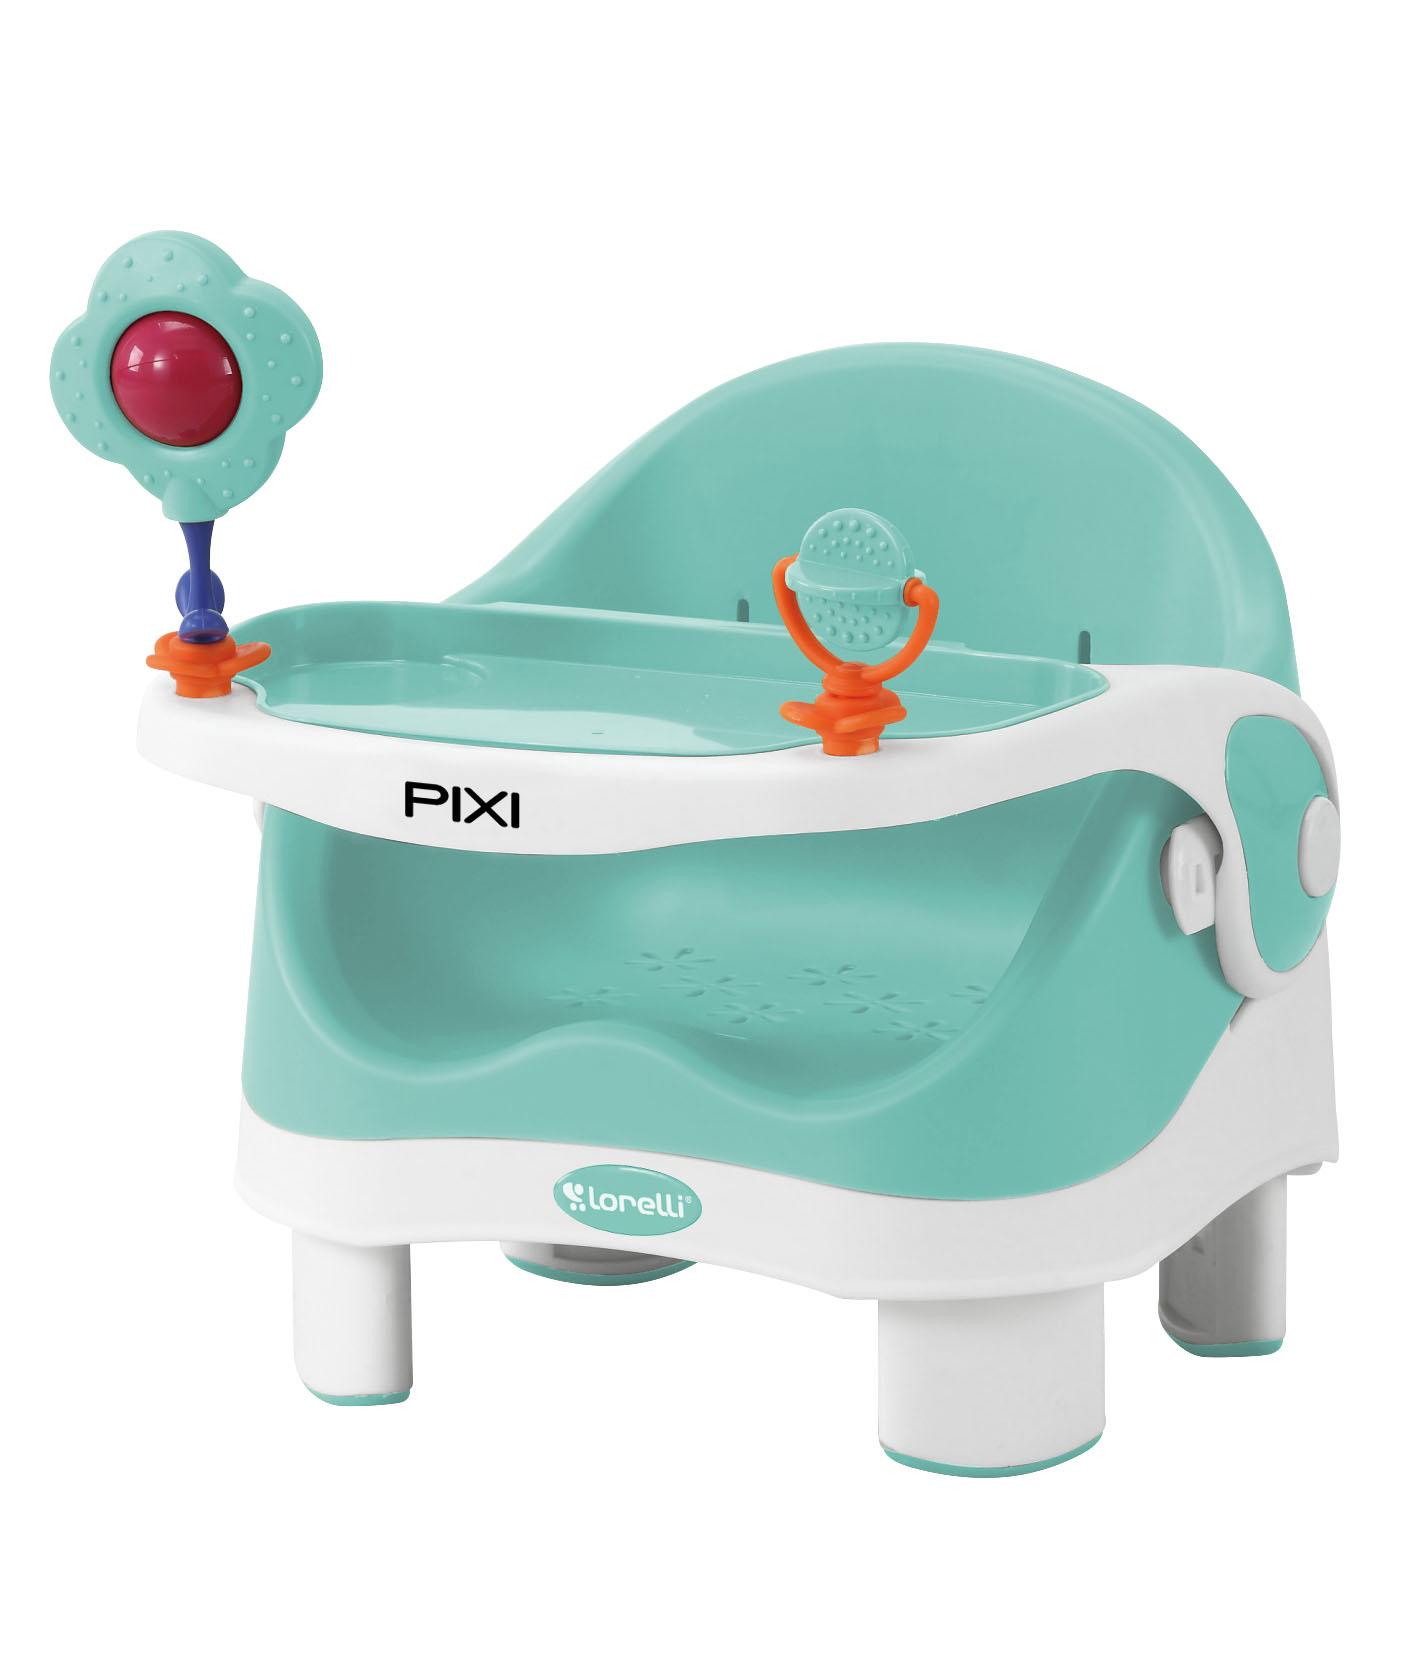 Стульчик для кормления Lorelli Pixi, 10100281 белый, зеленый стульчик для кормления lorelli